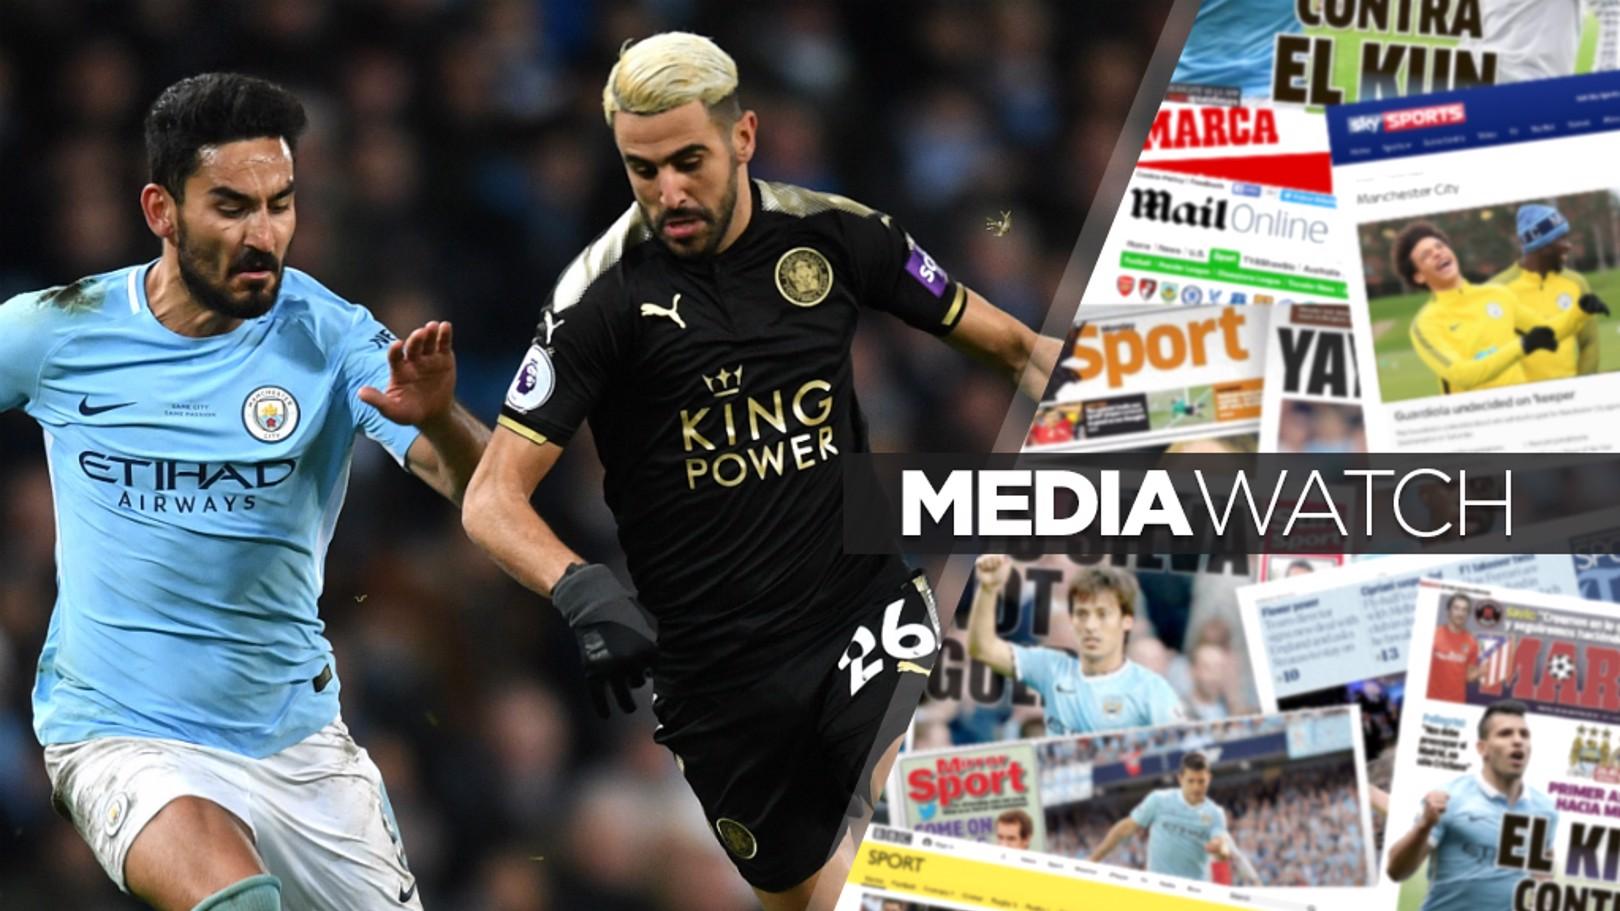 صحف تشير إلى أن مانشستر سيتي سيعيد محاولاته لضم رياض محرز في سوق الانتقالات الصيفية.